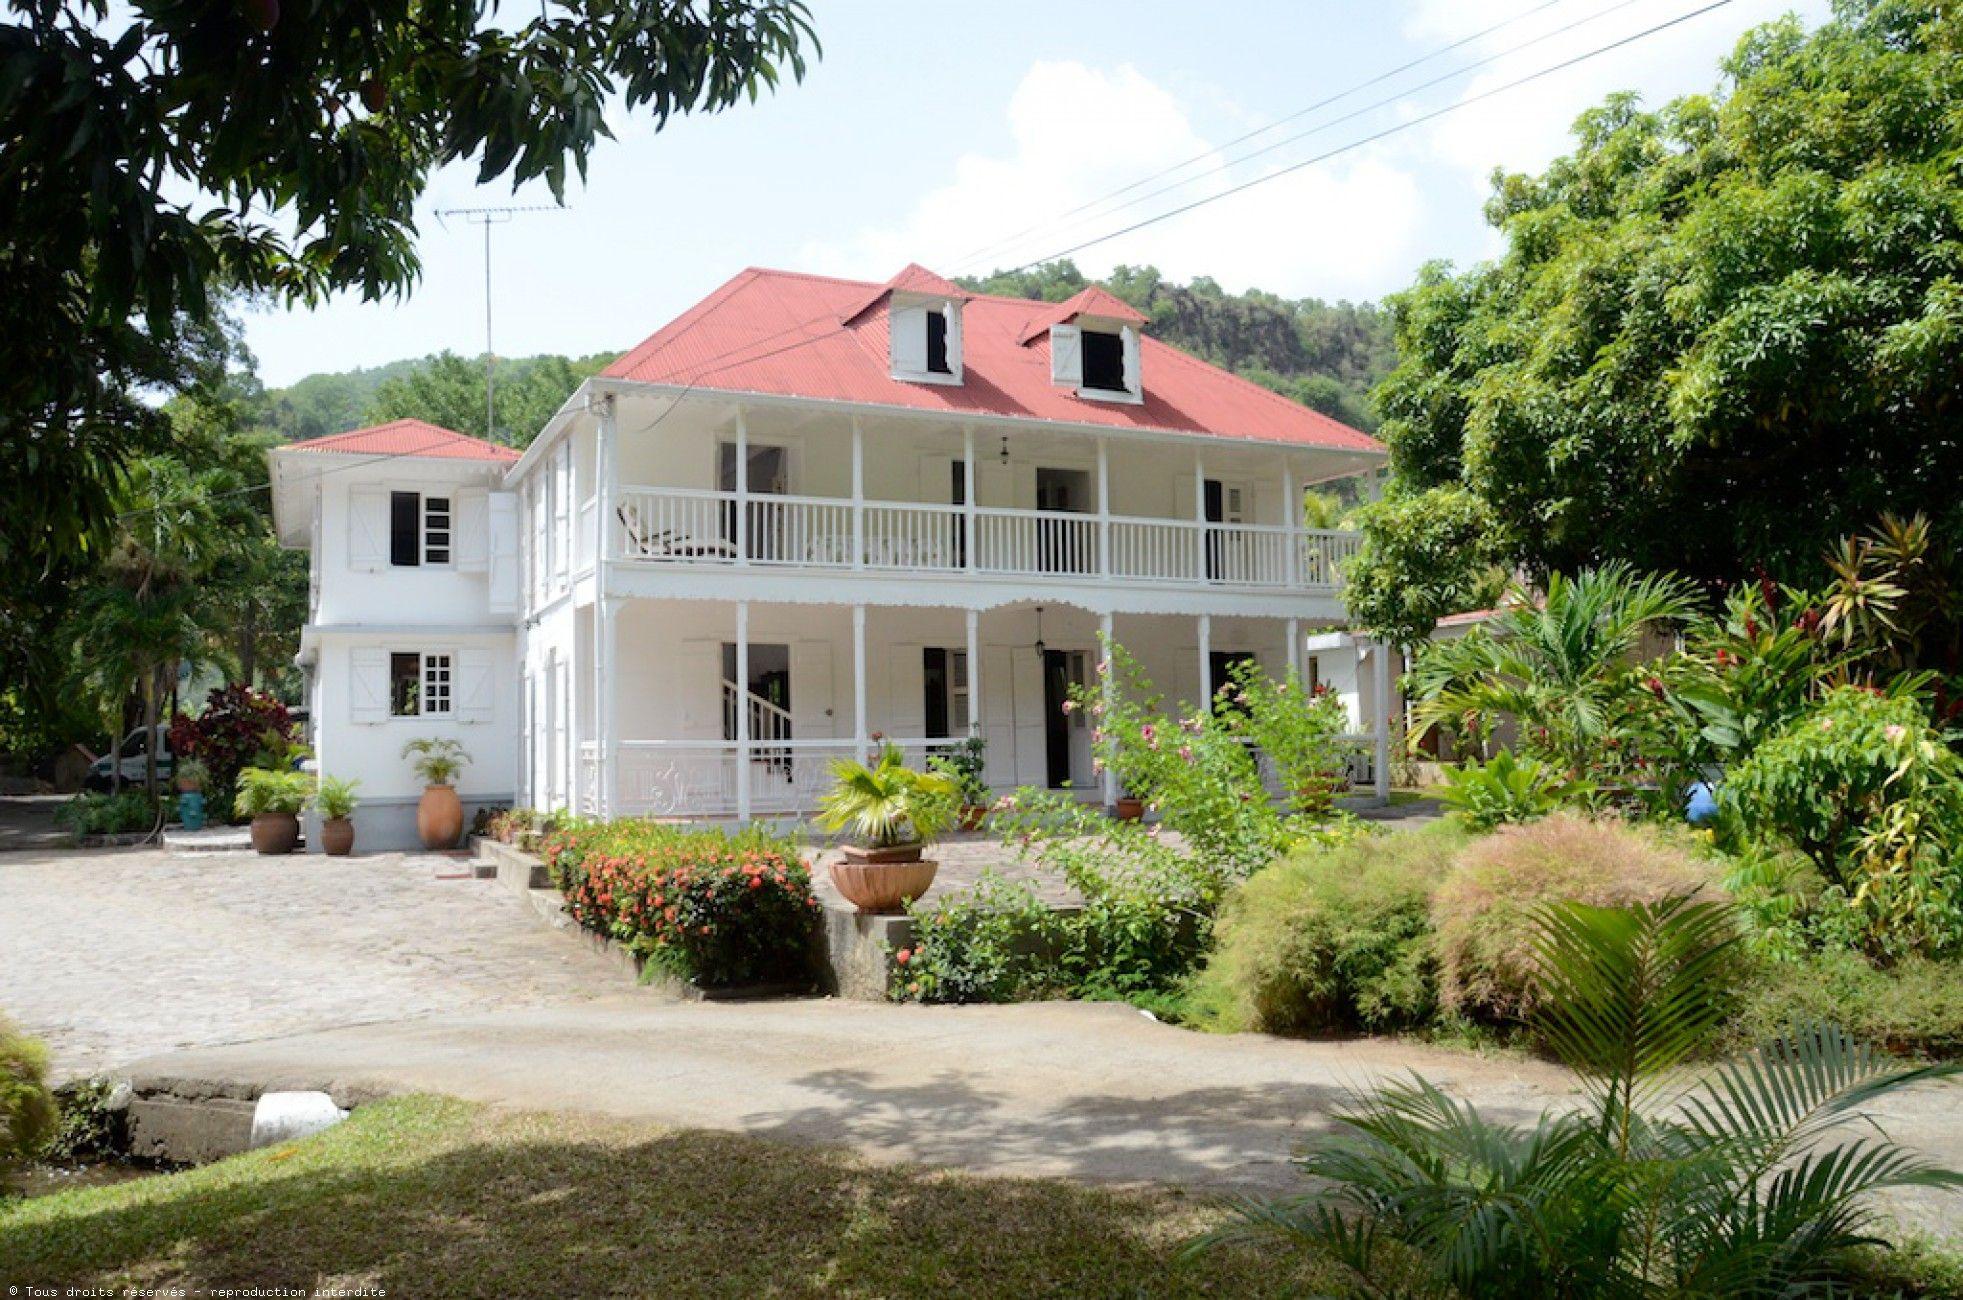 Habitation loiseau vieux habitants guadeloupe maison coloniale pinterest maisons for Interieur maison coloniale